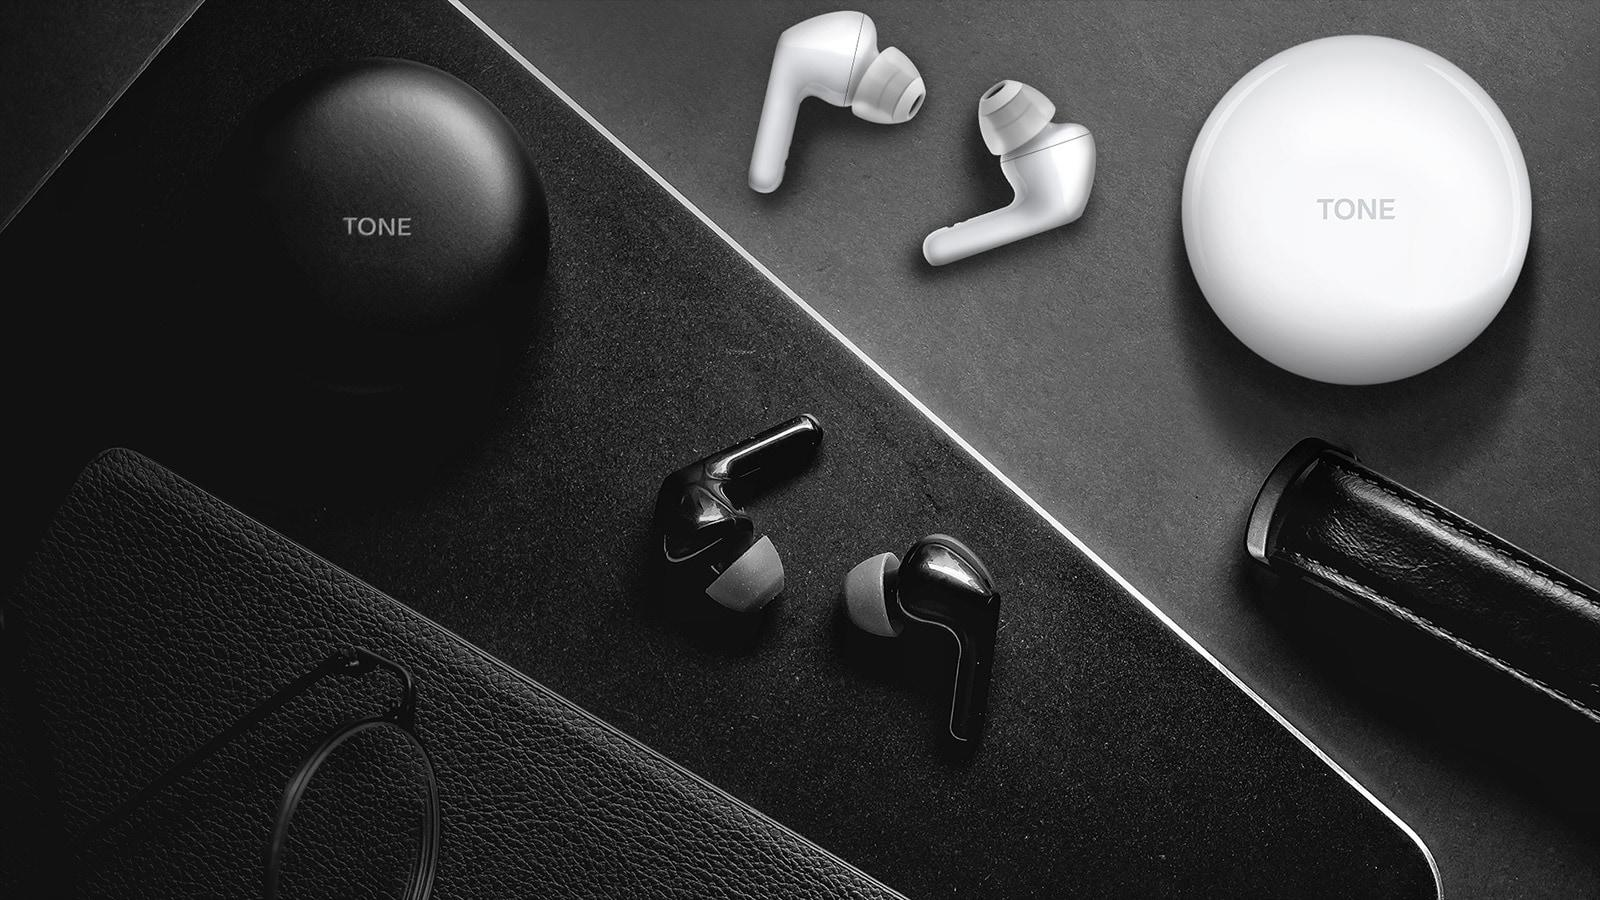 Hình ảnh bên trên của một cái bàn với tai nghe màu đen và màu trắng và hộp tai nghe đặt trên bàn